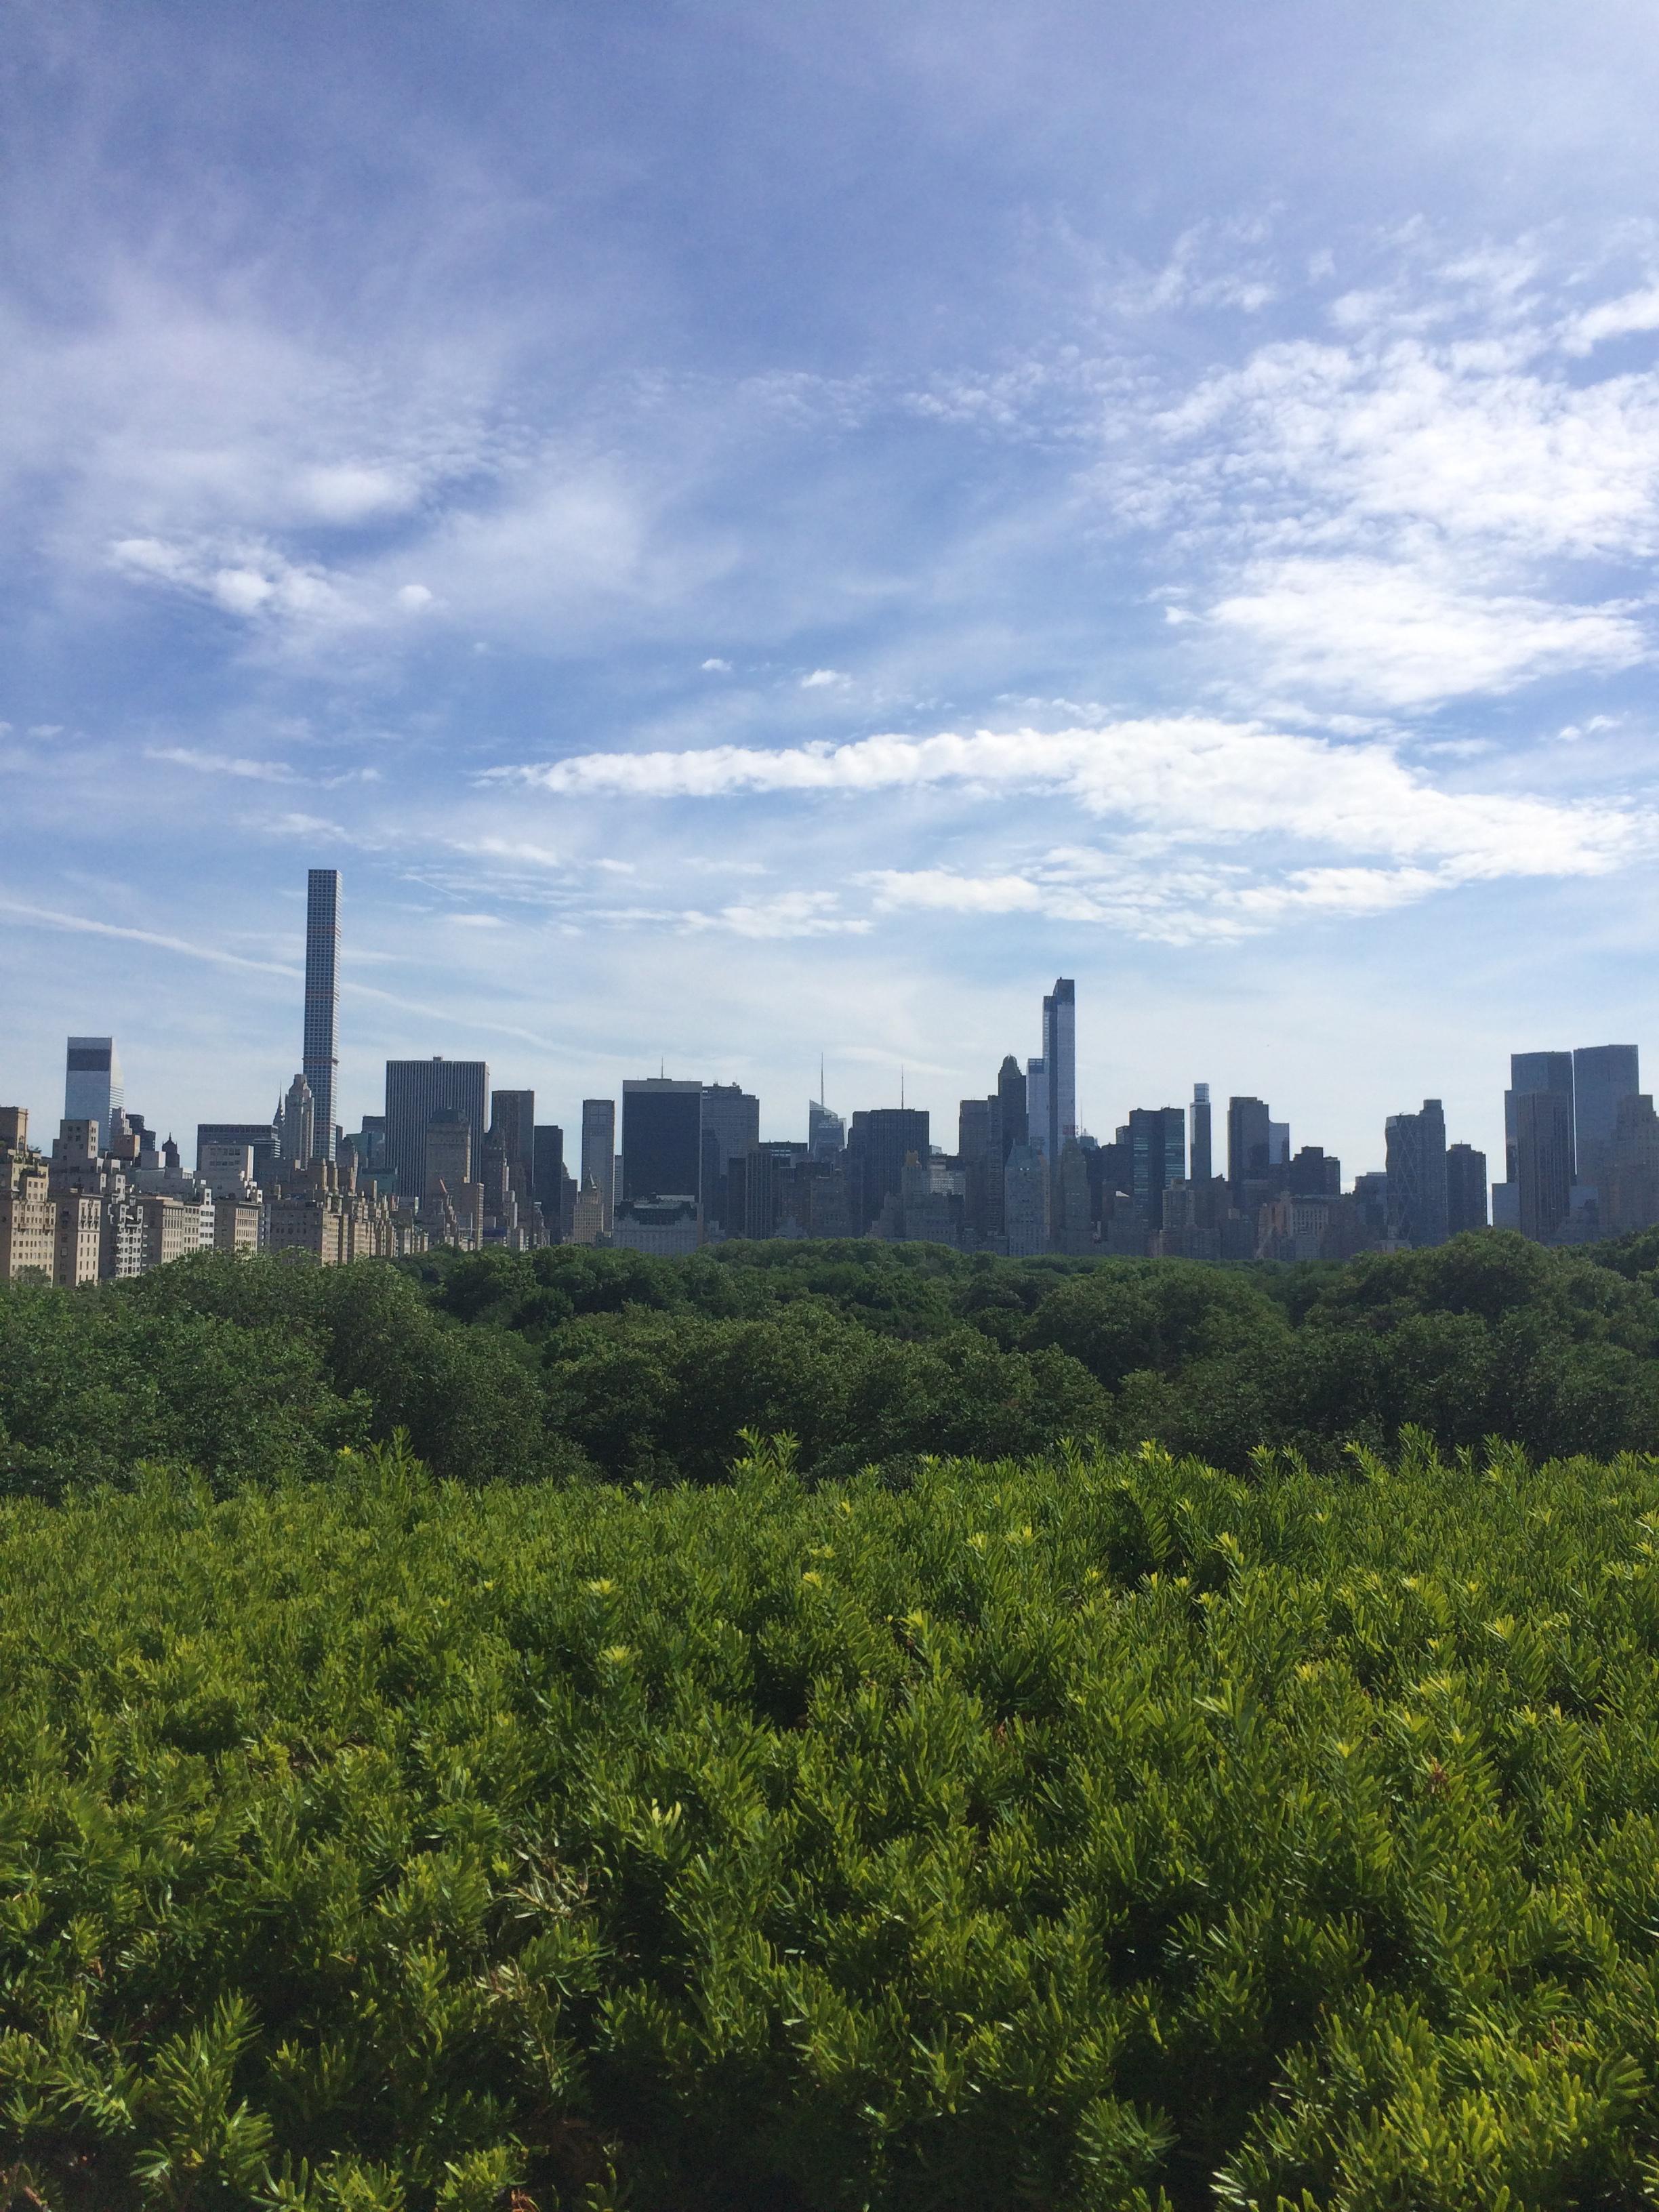 NY, NY June 13, 2015 695